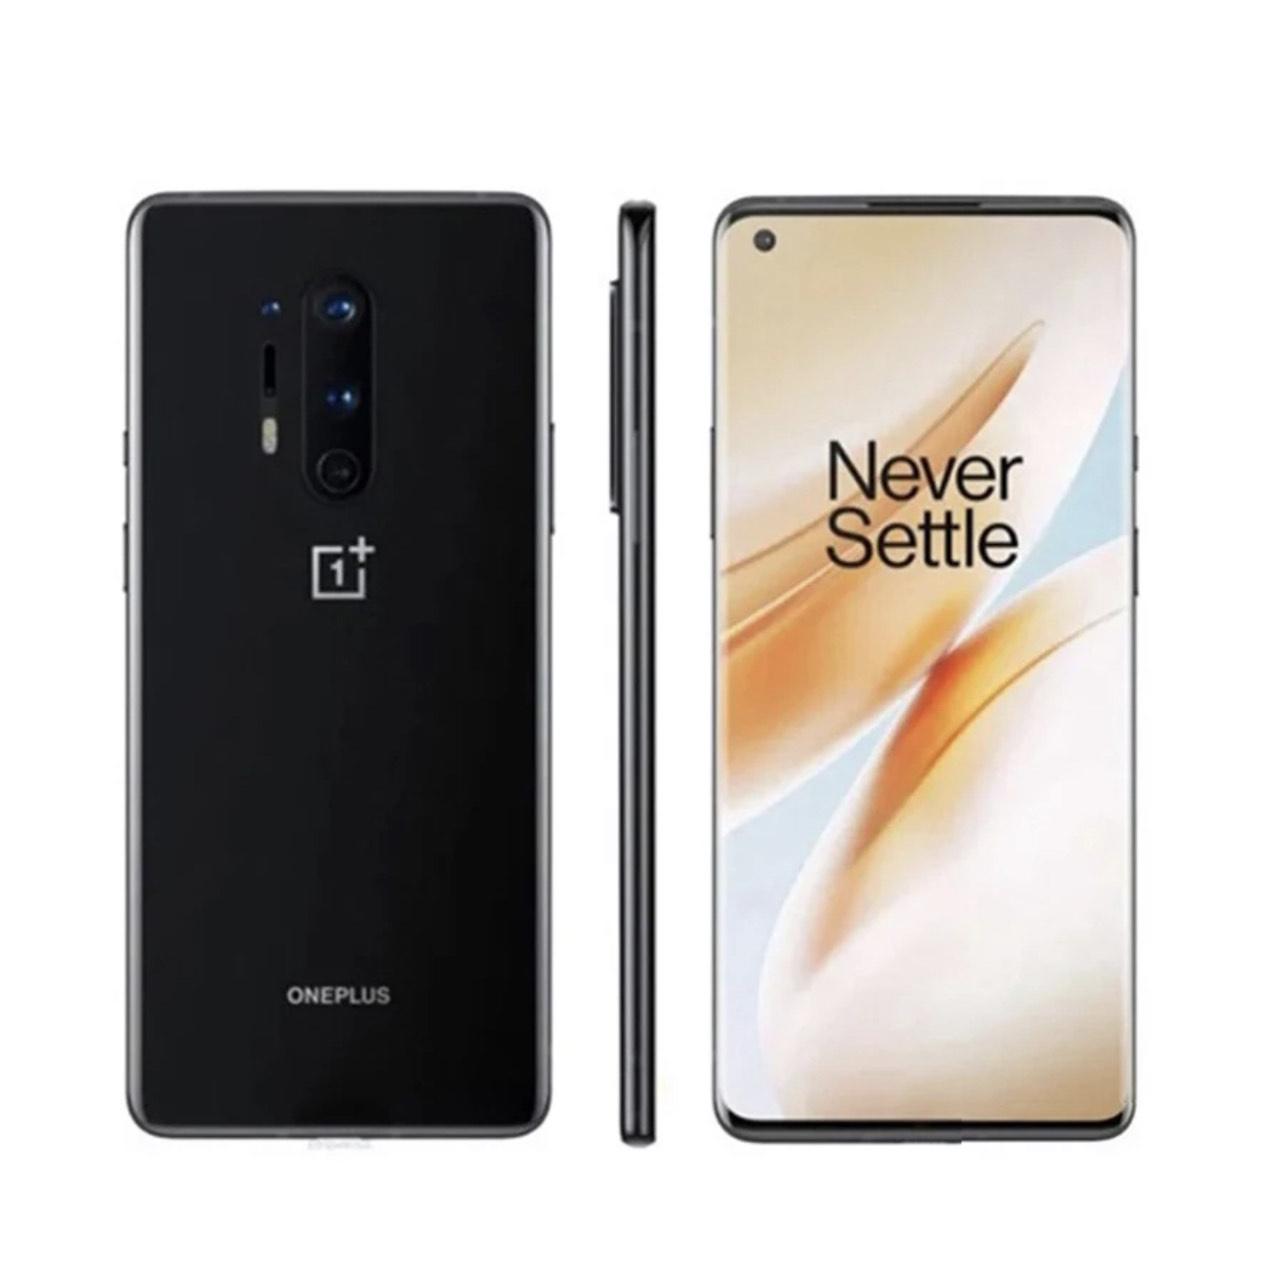 """Smartphone 6.78"""" OnePlus 8 Pro 5G - 120 Hz, WQHD+, SnapDragon 865, 8 Go de RAM, 128 Go, Version Globale (559€ avec le code SUPER32840 )"""